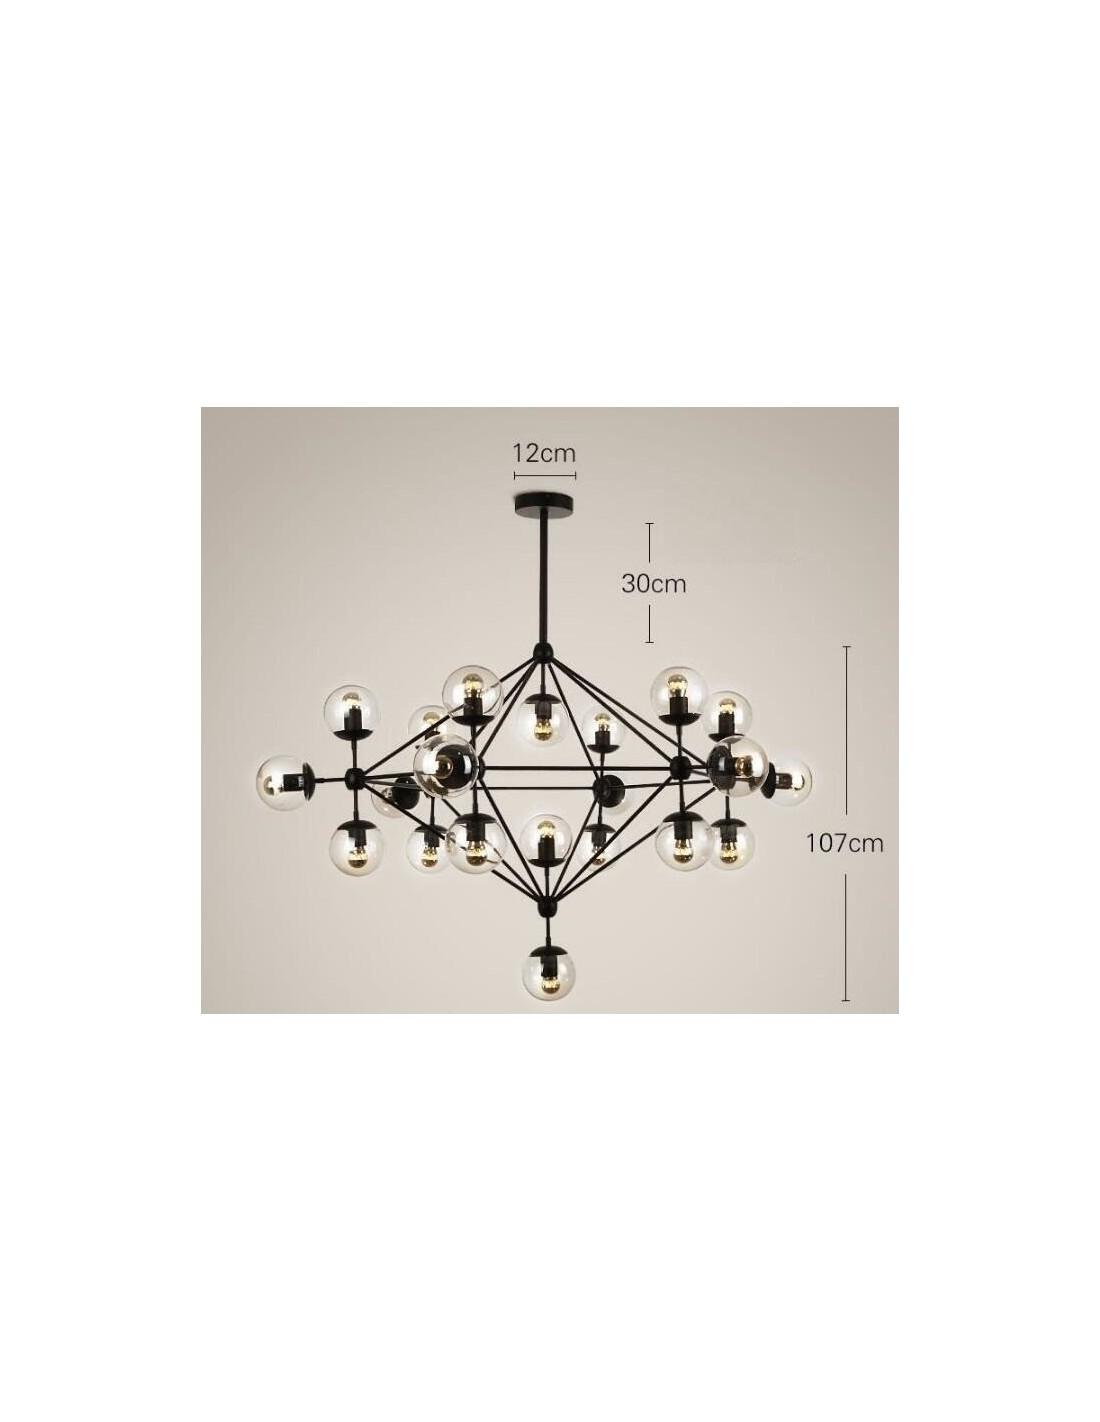 Lampa wisząca ASTRIFERO 21 bursztynowo czarna 110 cm Step